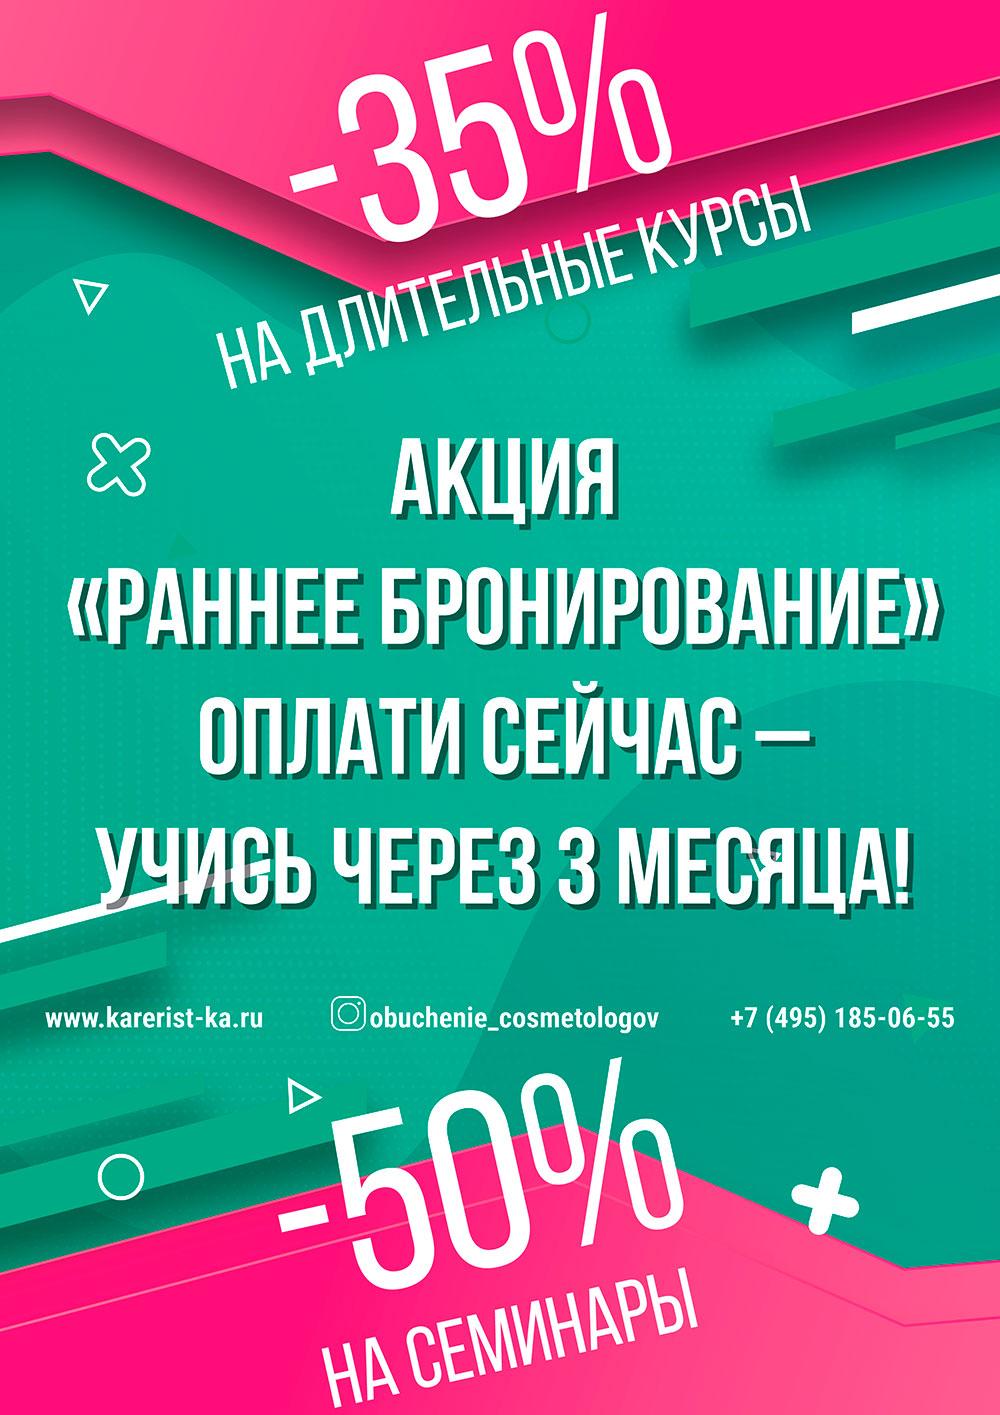 Осенняя акция - скидки 50% на обучение бьюти-мастеров